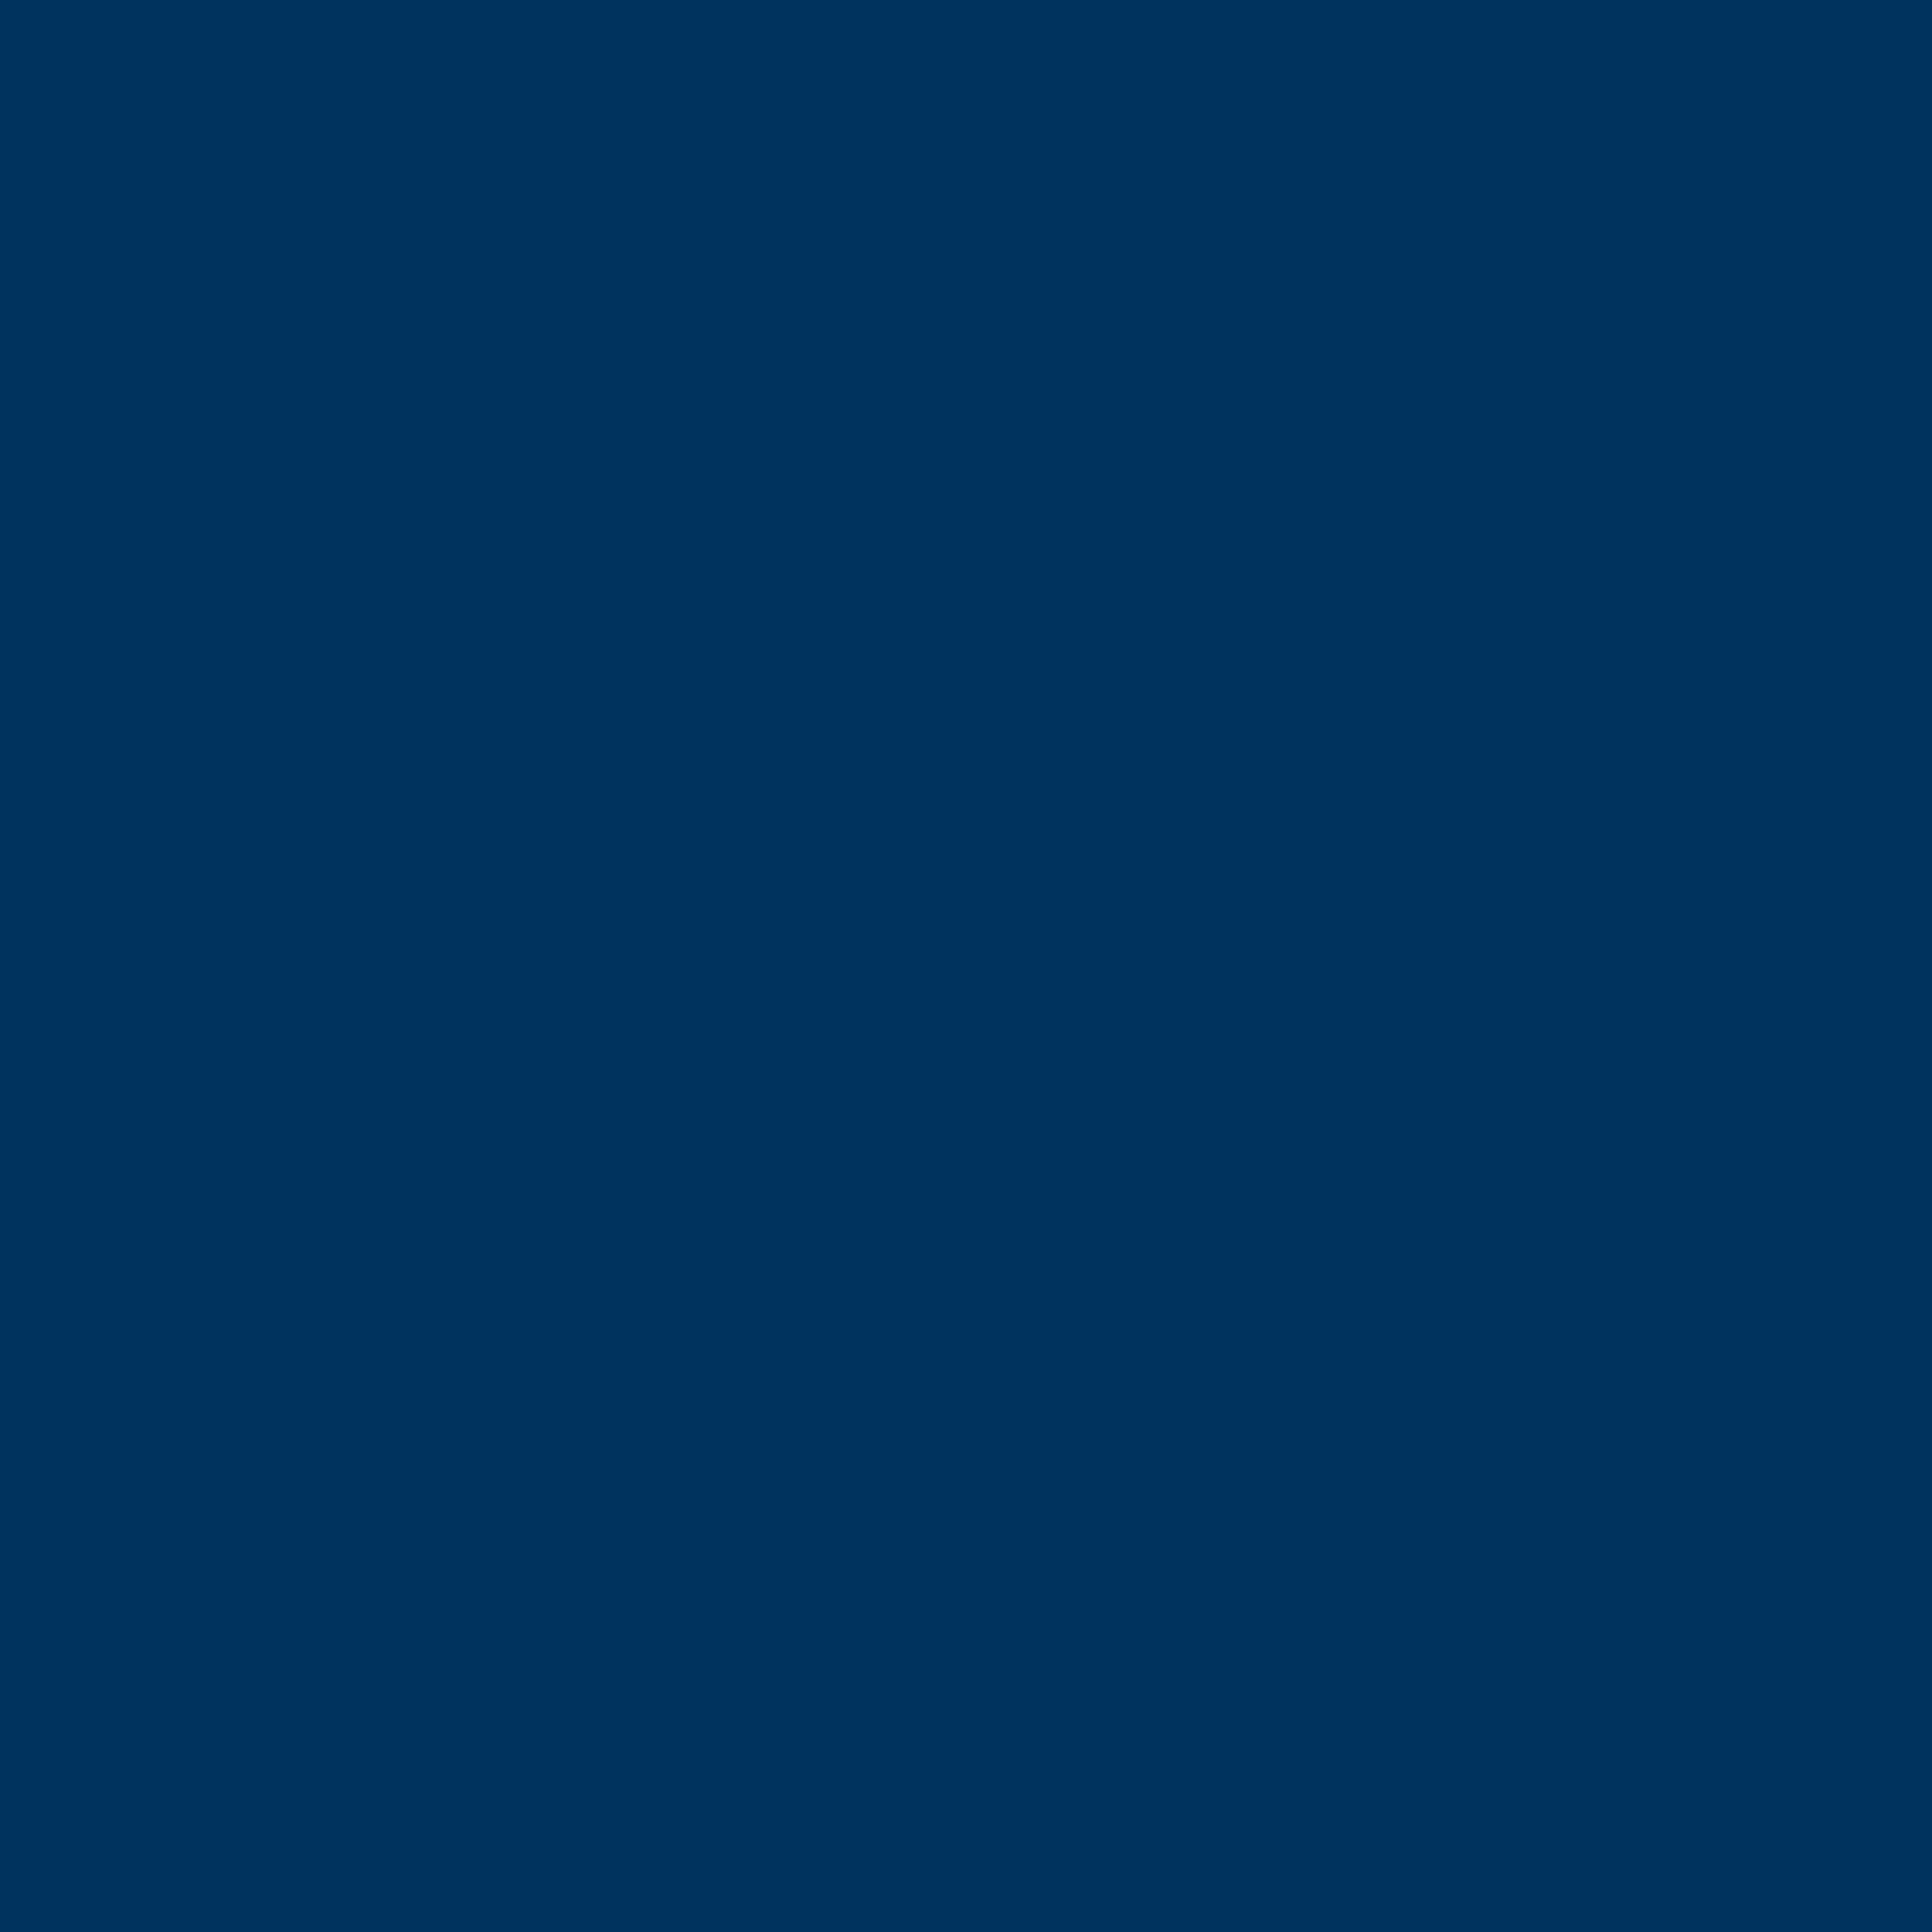 albastru catifea